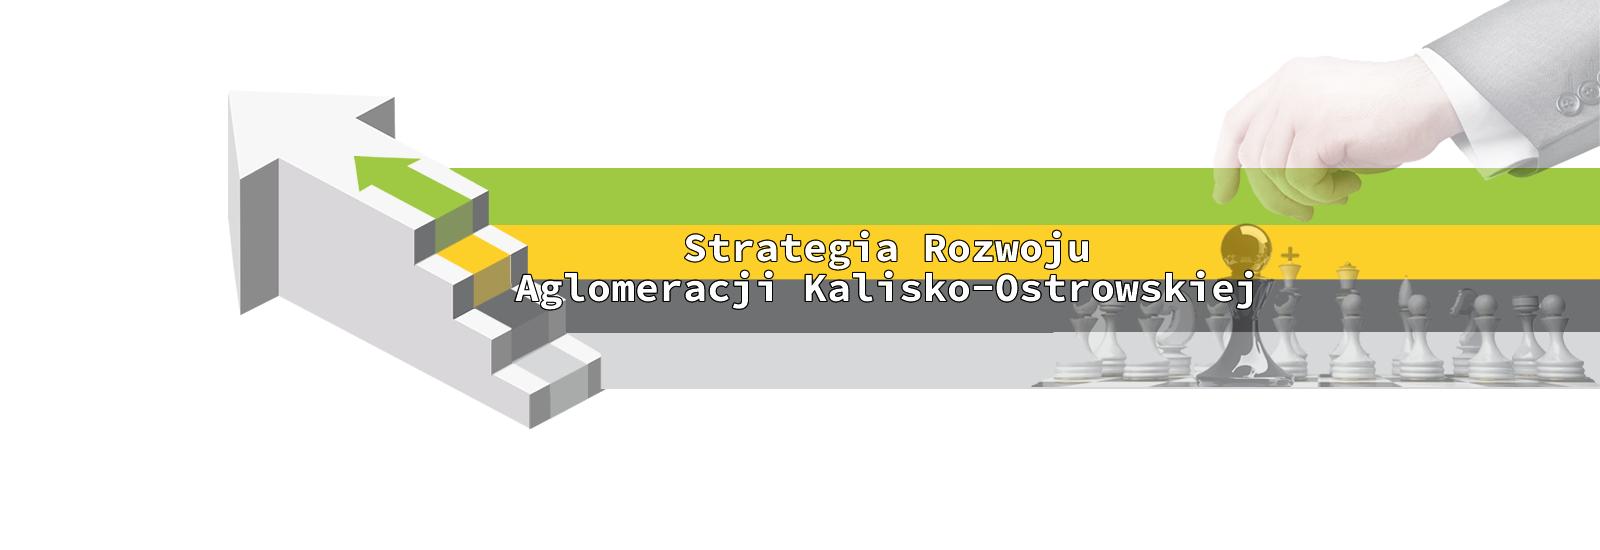 Baner - Strategia Rozwoju Aglomeracji Kalisko-Ostrowskiej